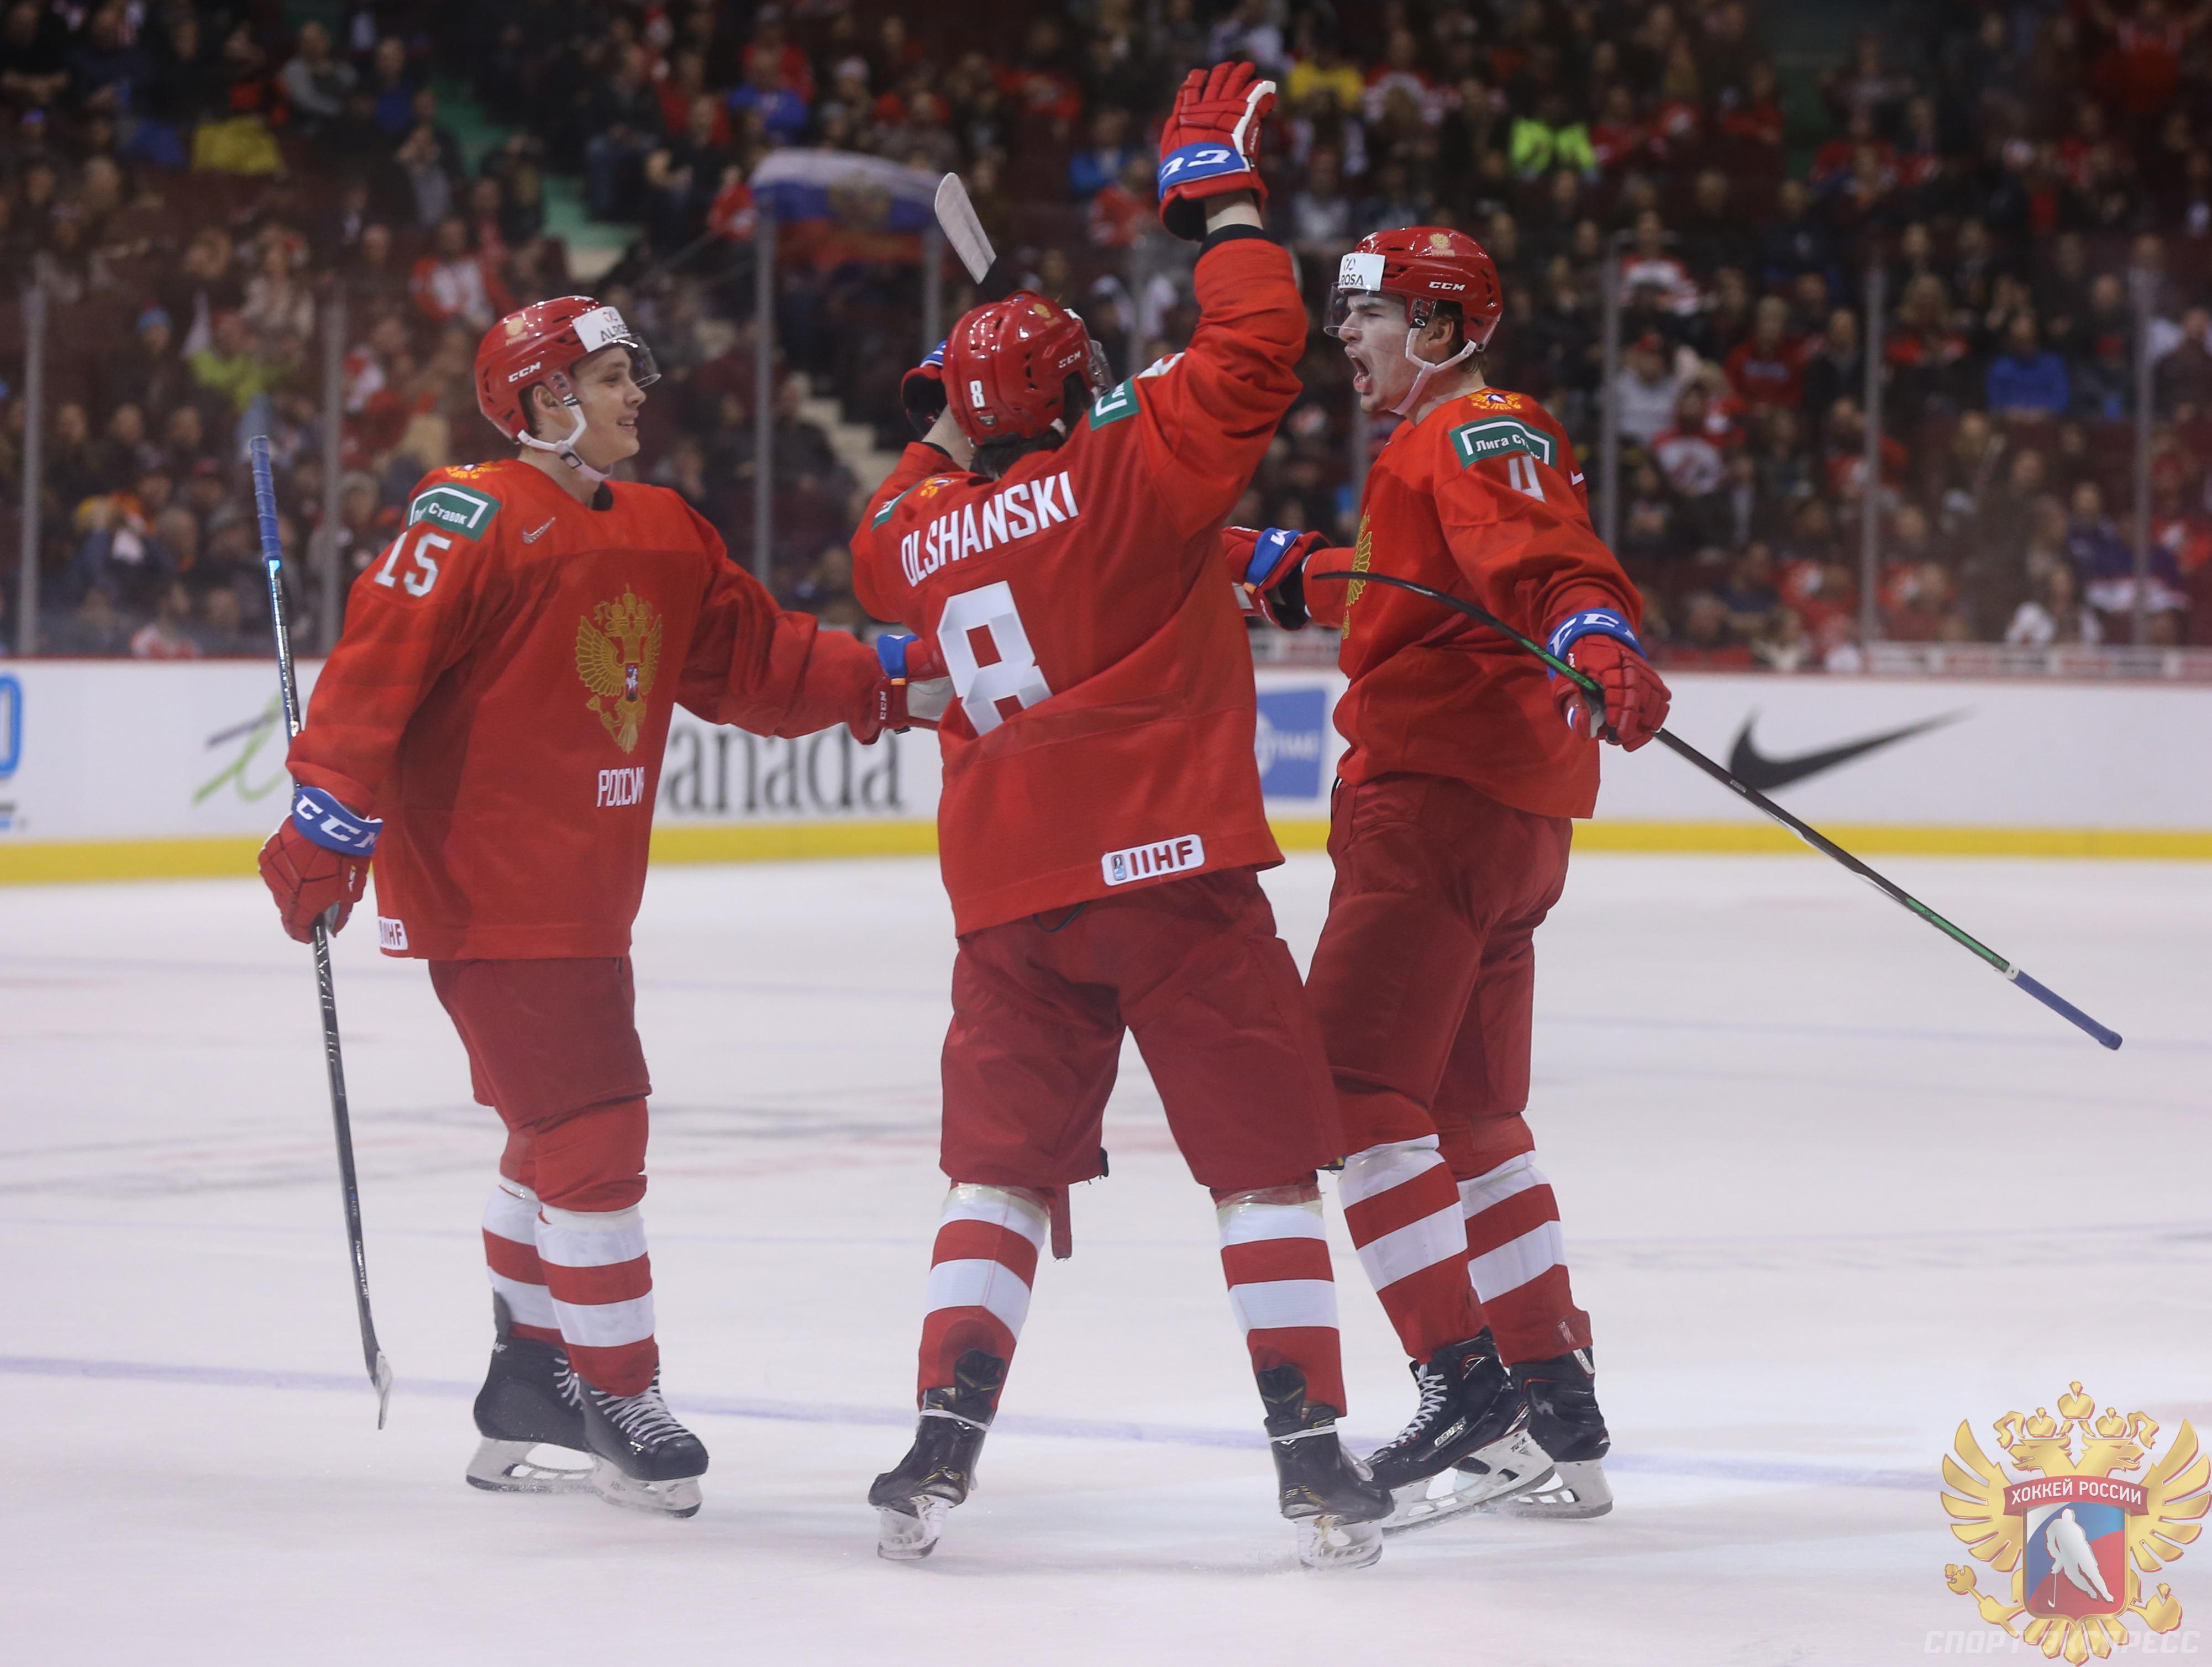 Результат хоккея россия словакия изучение английского для детей скачать бесплатно